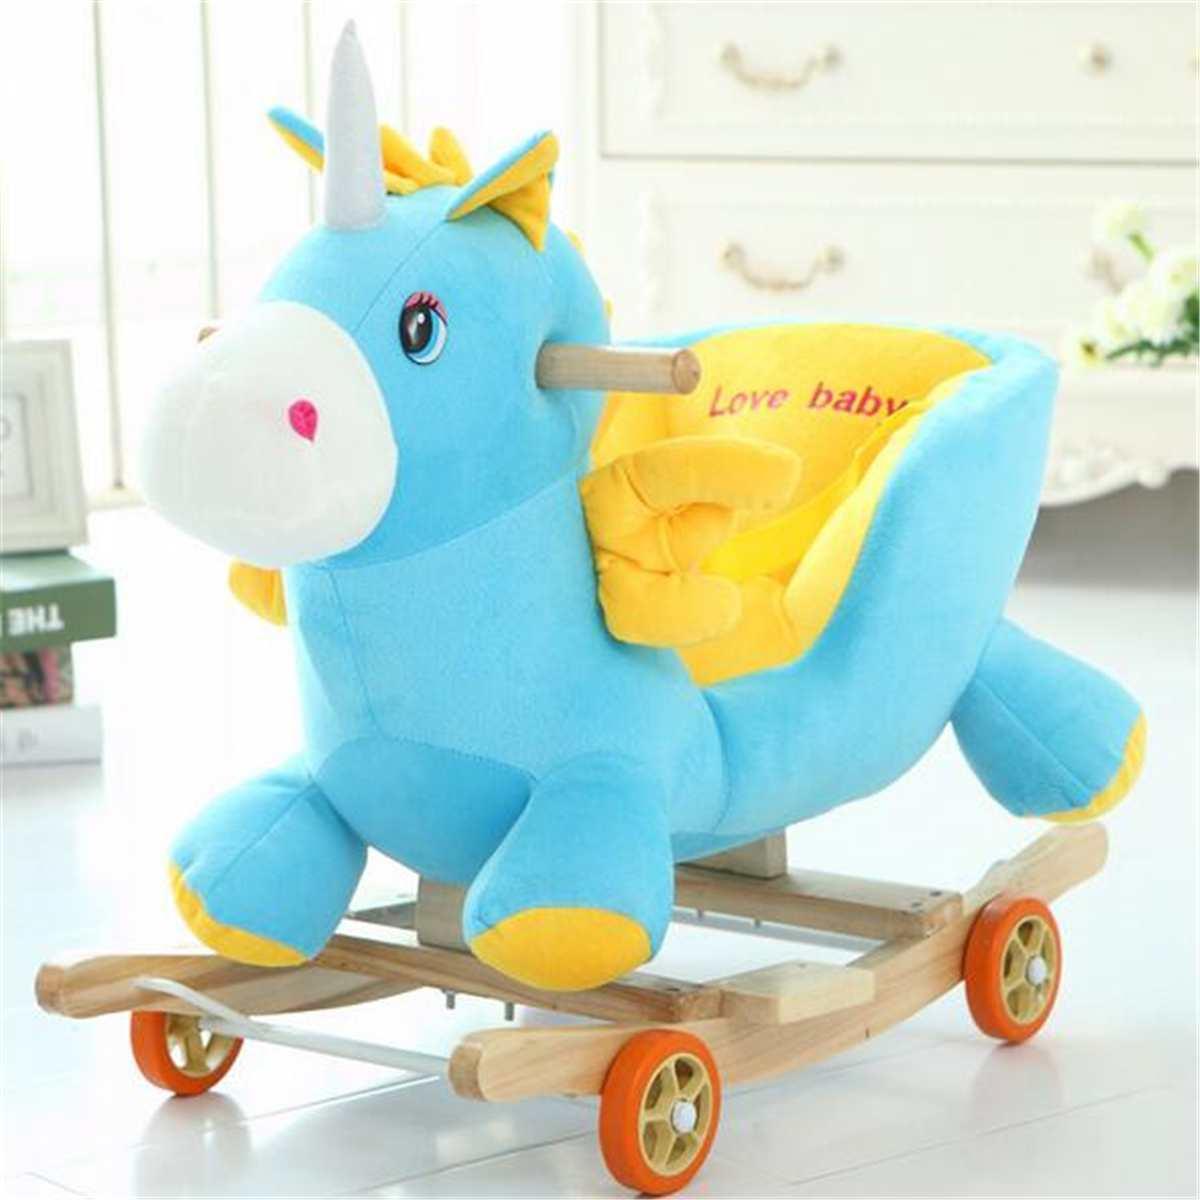 Peluche en bois Animal cheval à bascule jouet de troie chaise à bascule bébé chariot enfant avec musique anniversaire cadeau pour enfants - 3